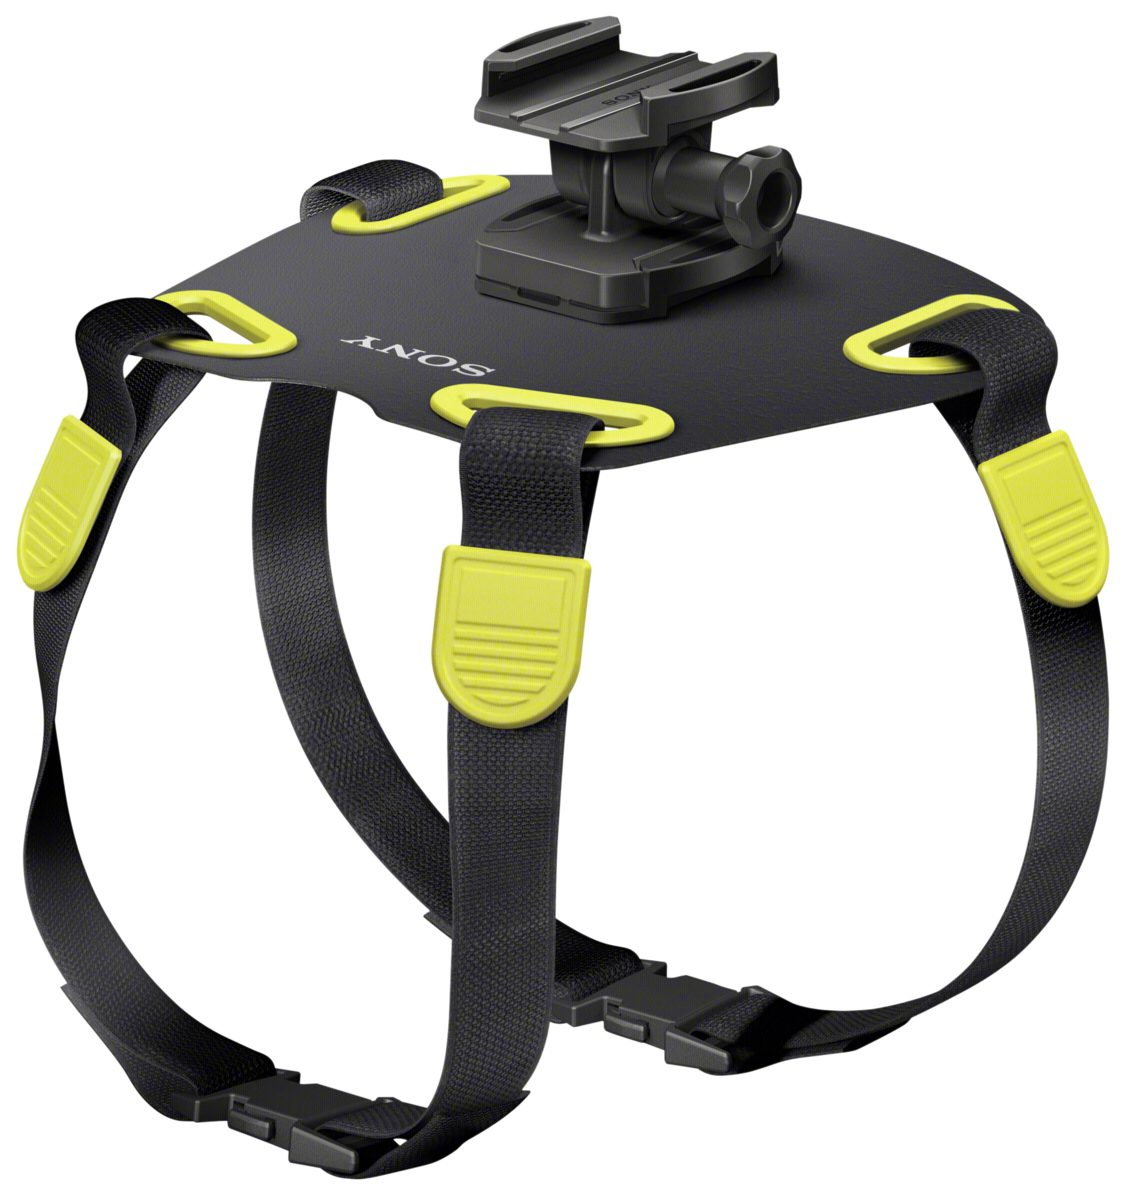 Sony Halterung für Action-Camcorder »AKA-DM1 Hundegeschirr«